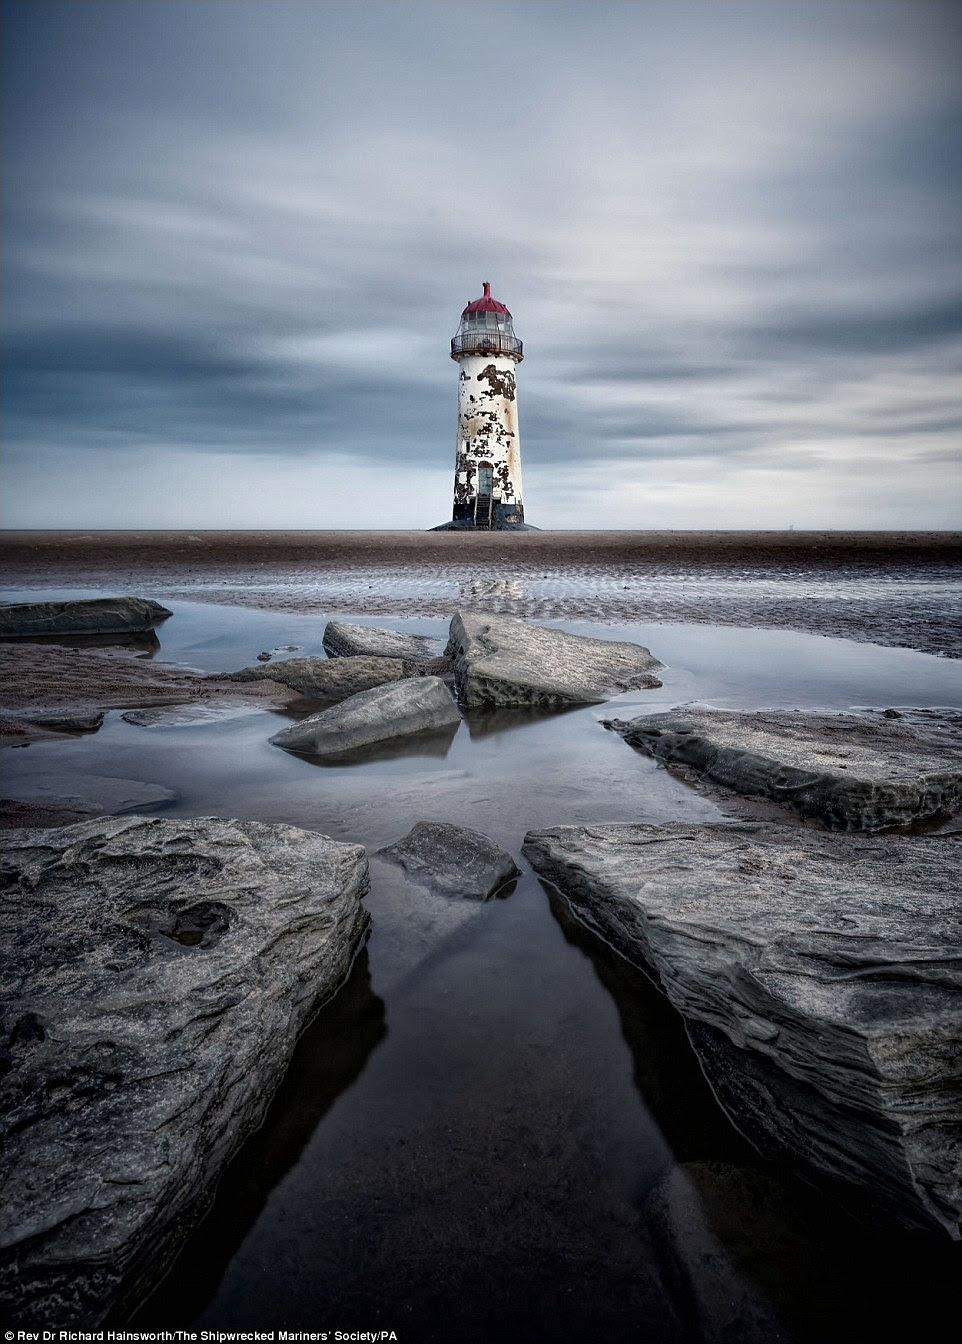 Rev. Dr. Richard Hainsworth venceu a categoria vista litoral com sua imagem do farol de Talacre na costa norte do País de Gales